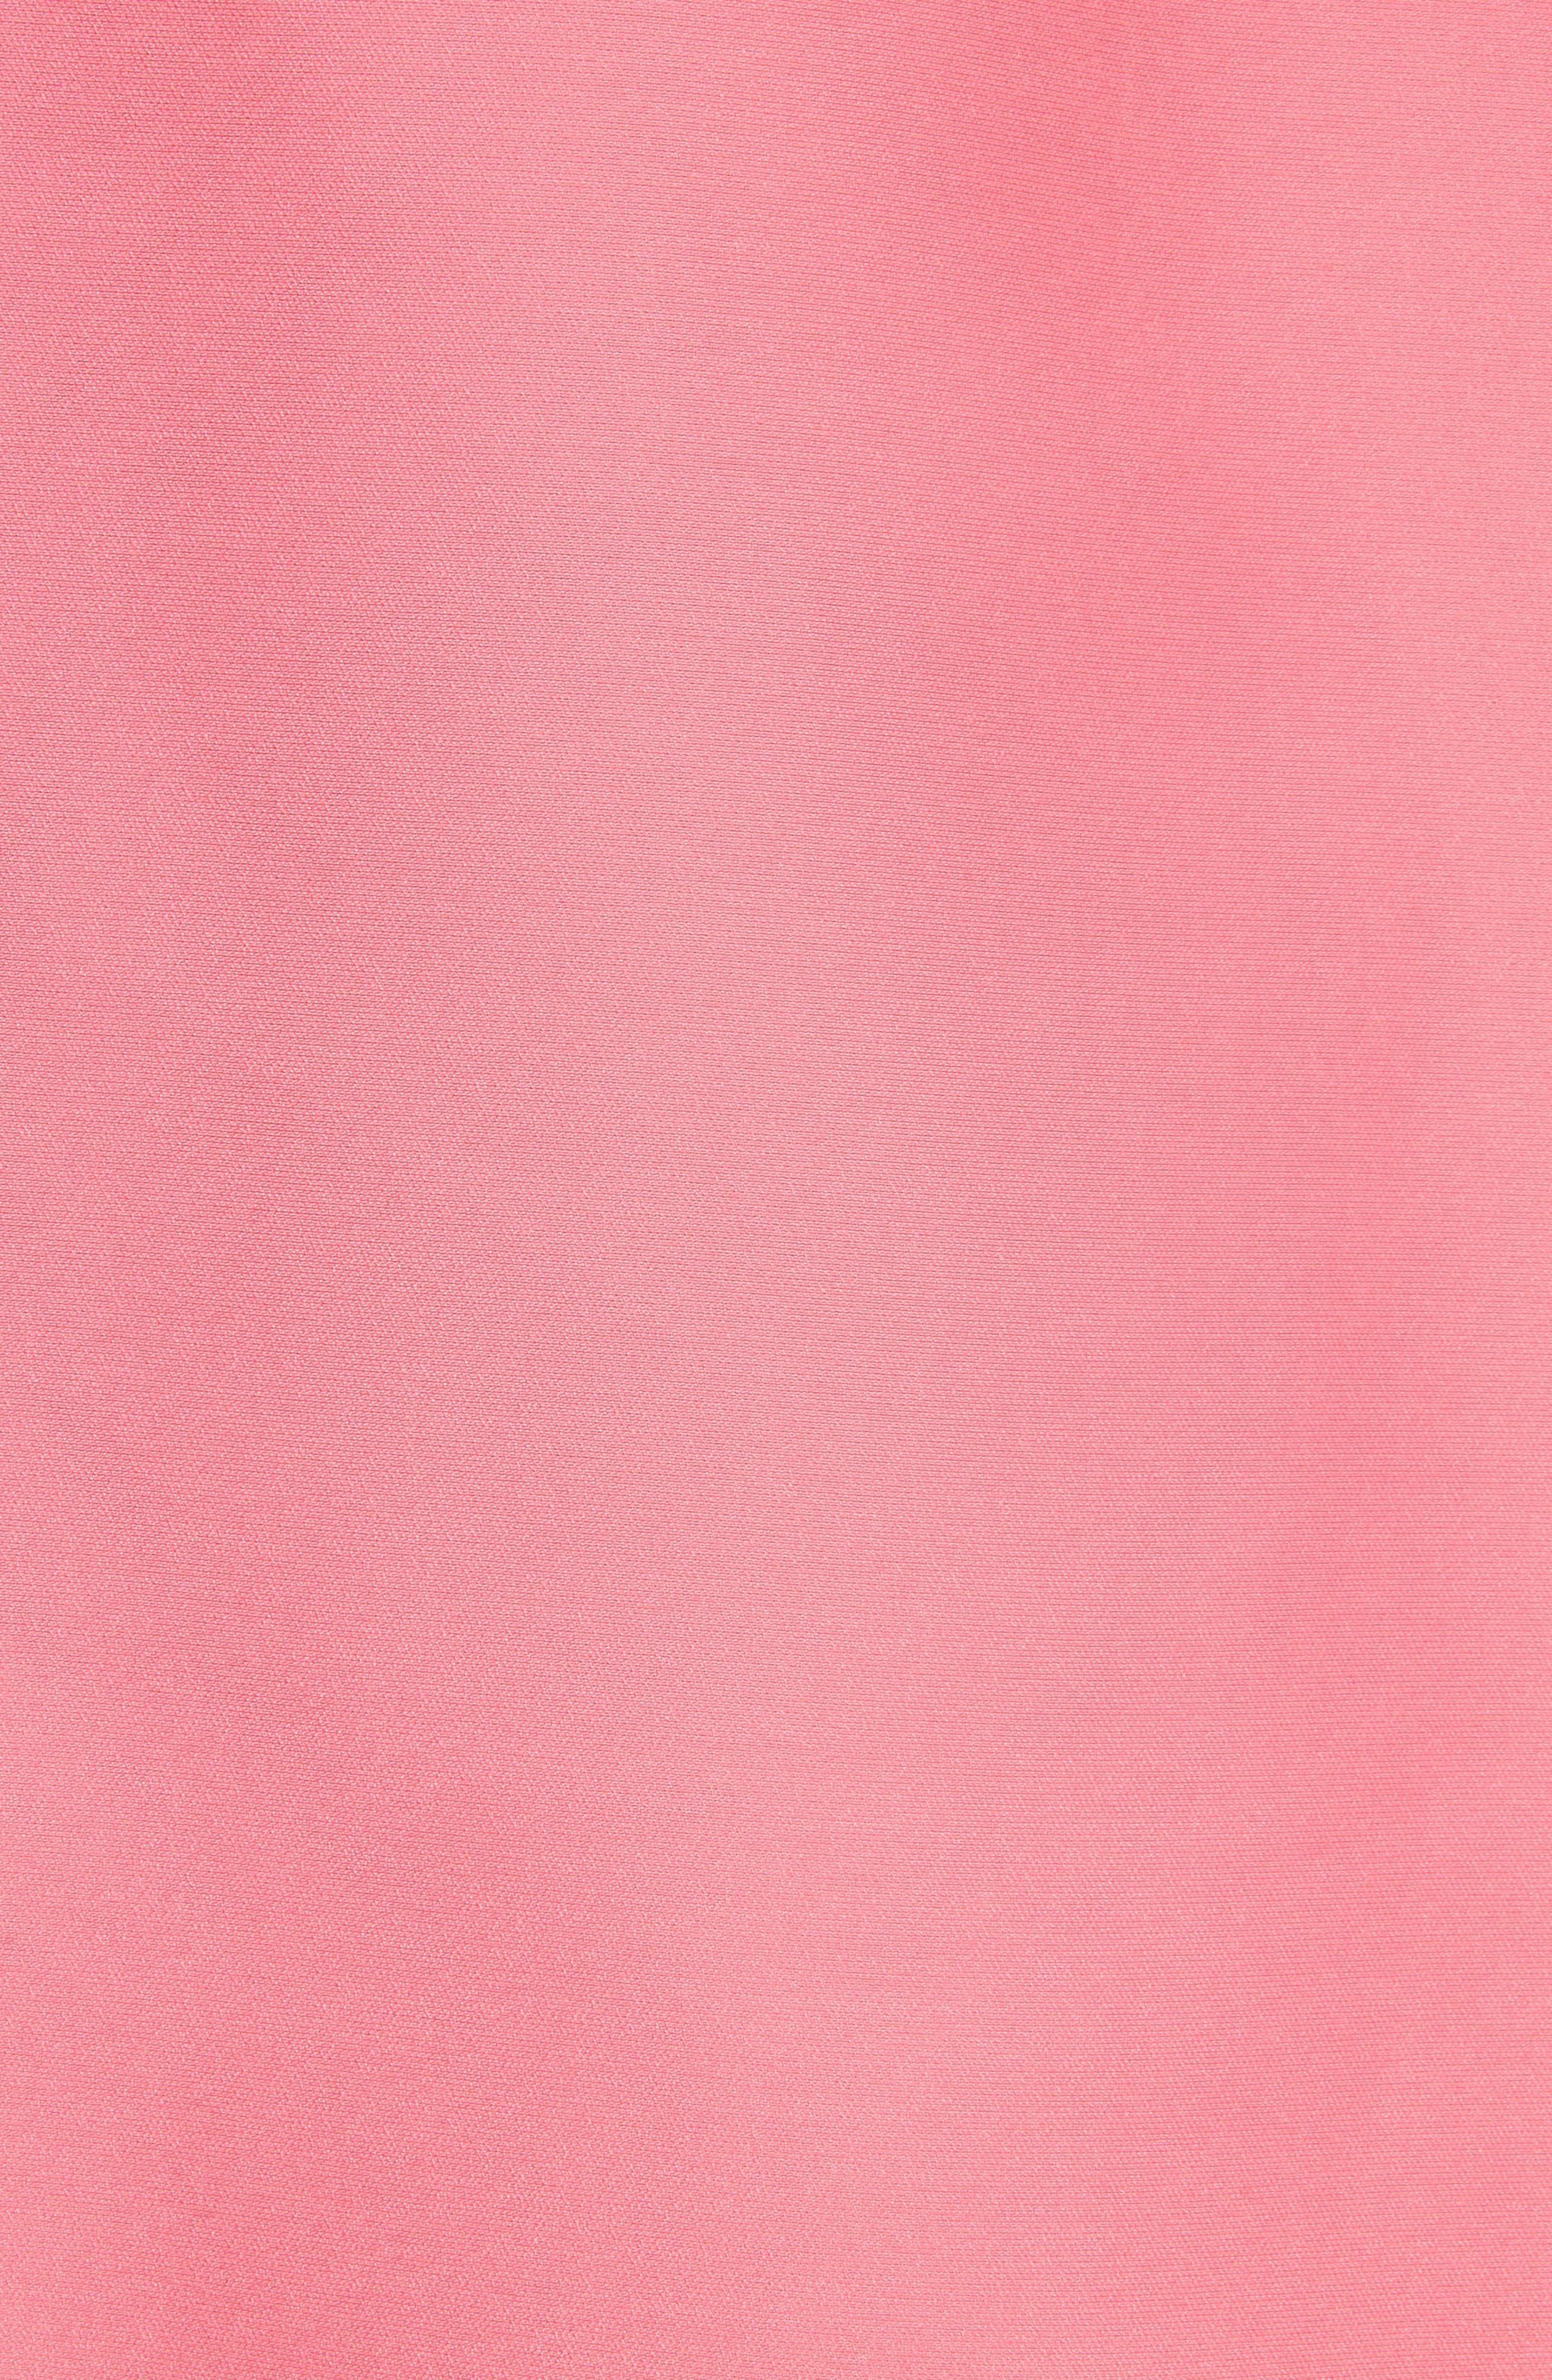 floral lace trim mikado fit & flare dress,                             Alternate thumbnail 5, color,                             Petunia